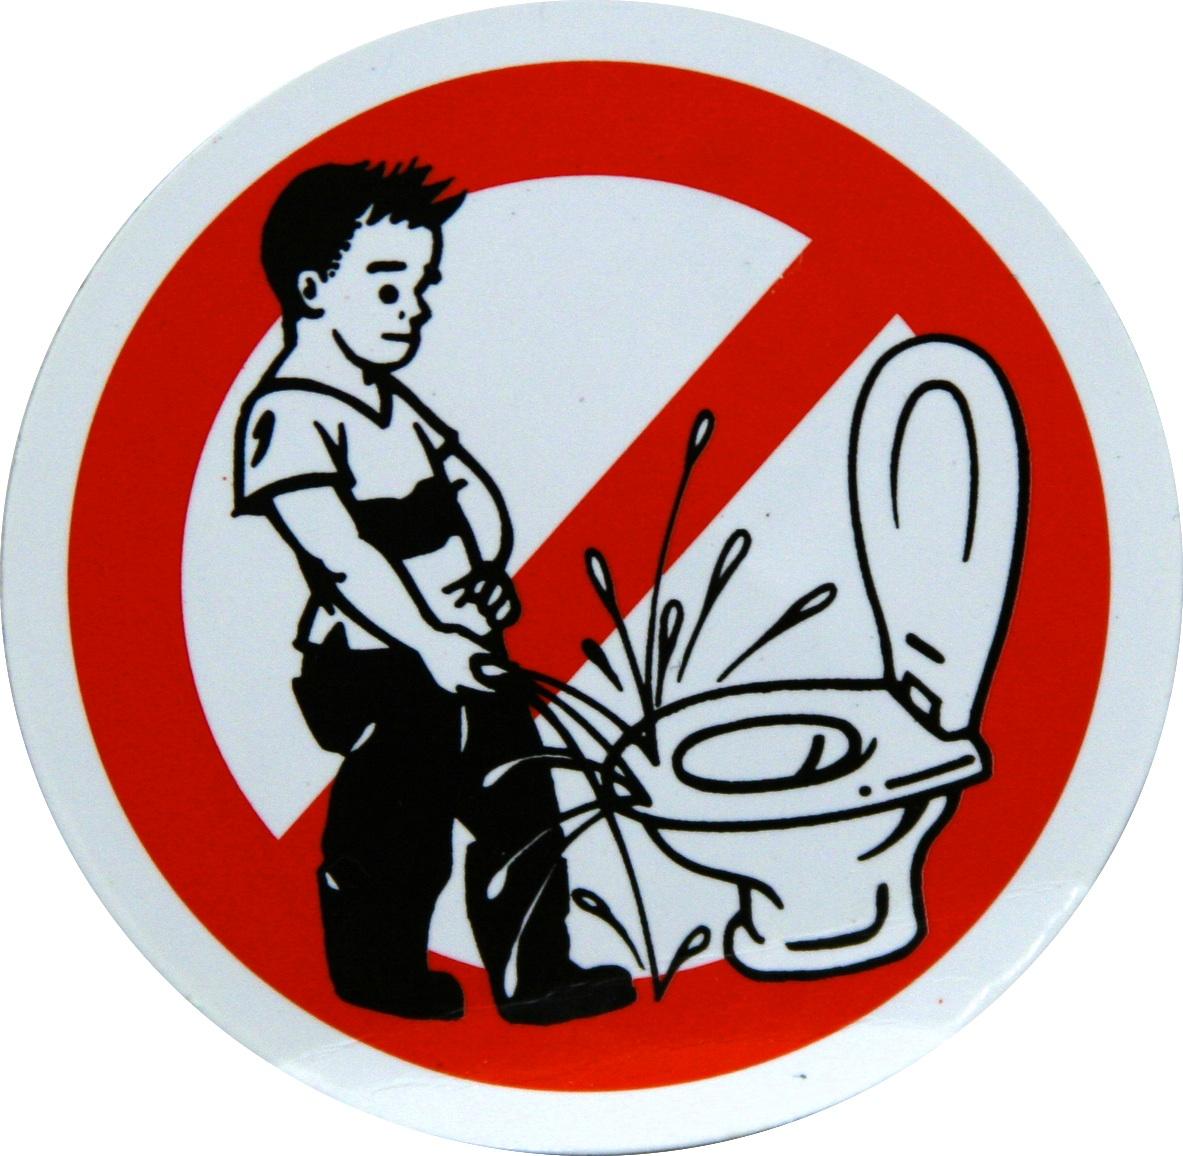 Христово, прикольные картинки для туалета распечатать